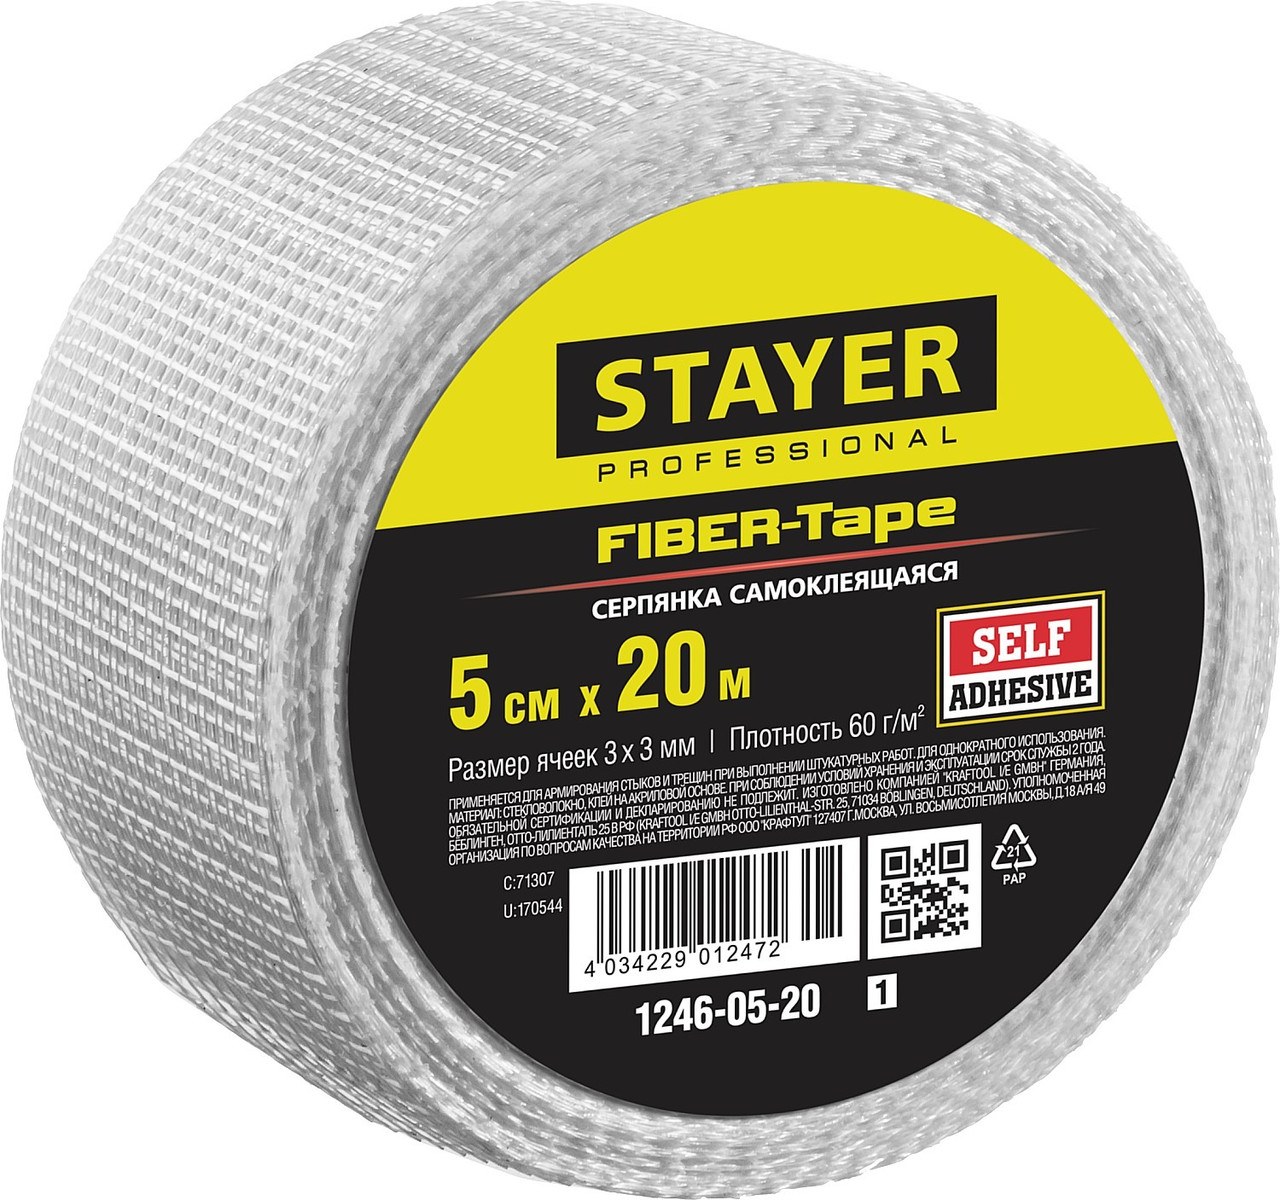 Серпянка самоклеящаяся FIBER-Tape, 5 см х 20м, STAYER Professional 1246-05-20  1246-05-20_z01